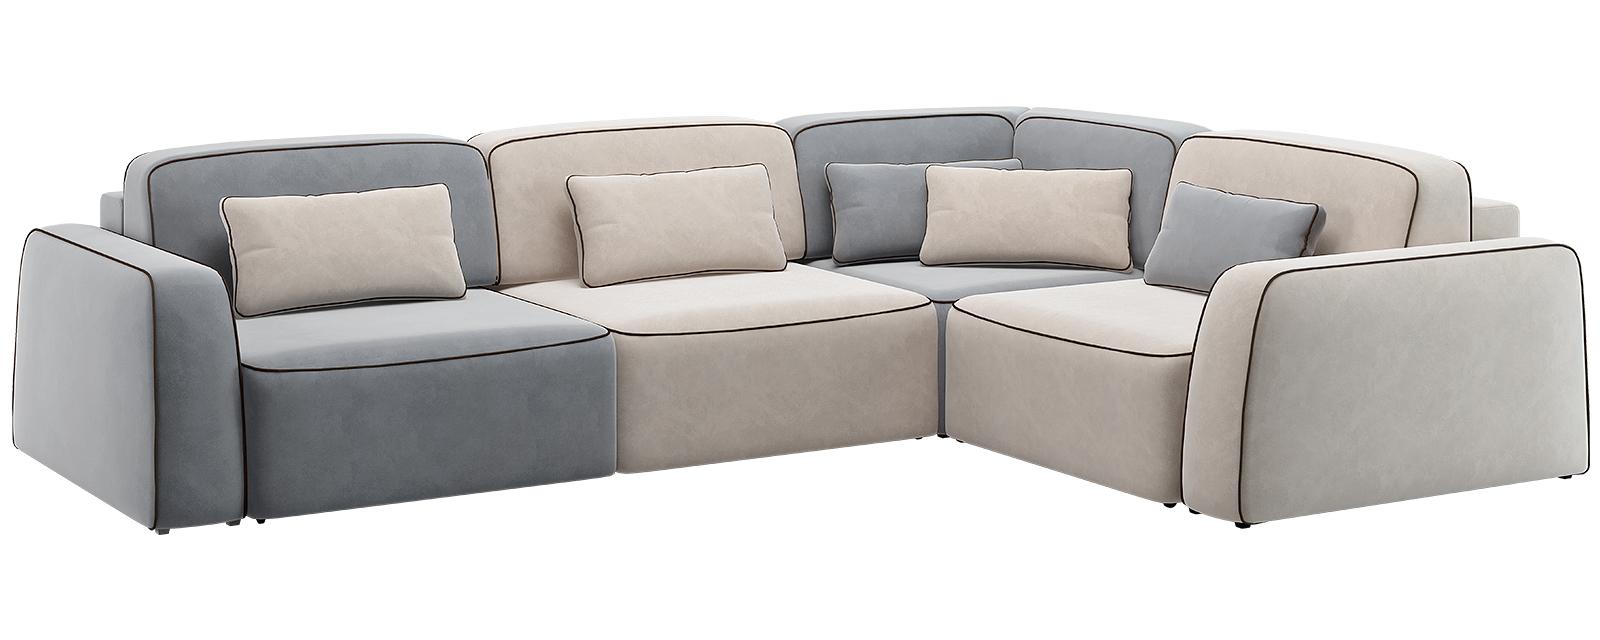 Модульный диван Портленд 350 см Вариант №2 Velutto серый/бежевый (Велюр)